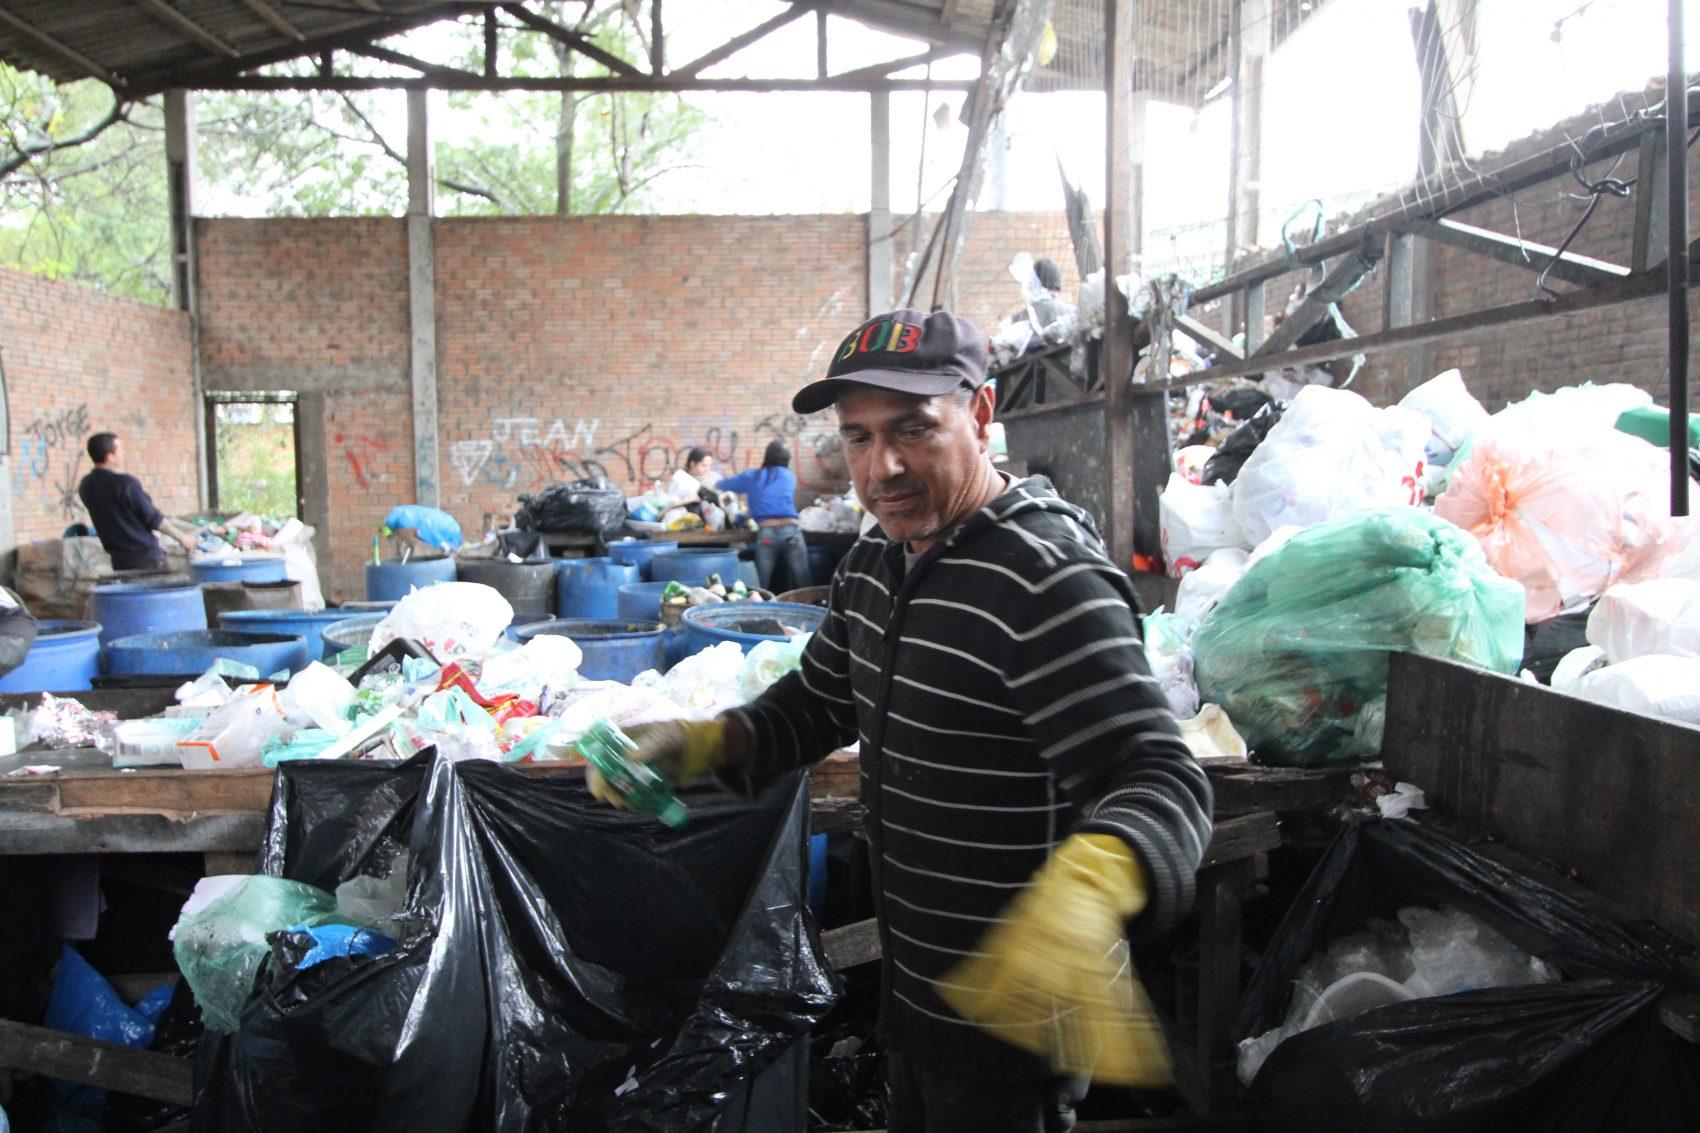 Nos últimos dois anos vem caindo progressivamente a quantidade de lixo reciclável recolhido pela Prefeitura para ser encaminhado às unidades de triagem das associações de catadores.